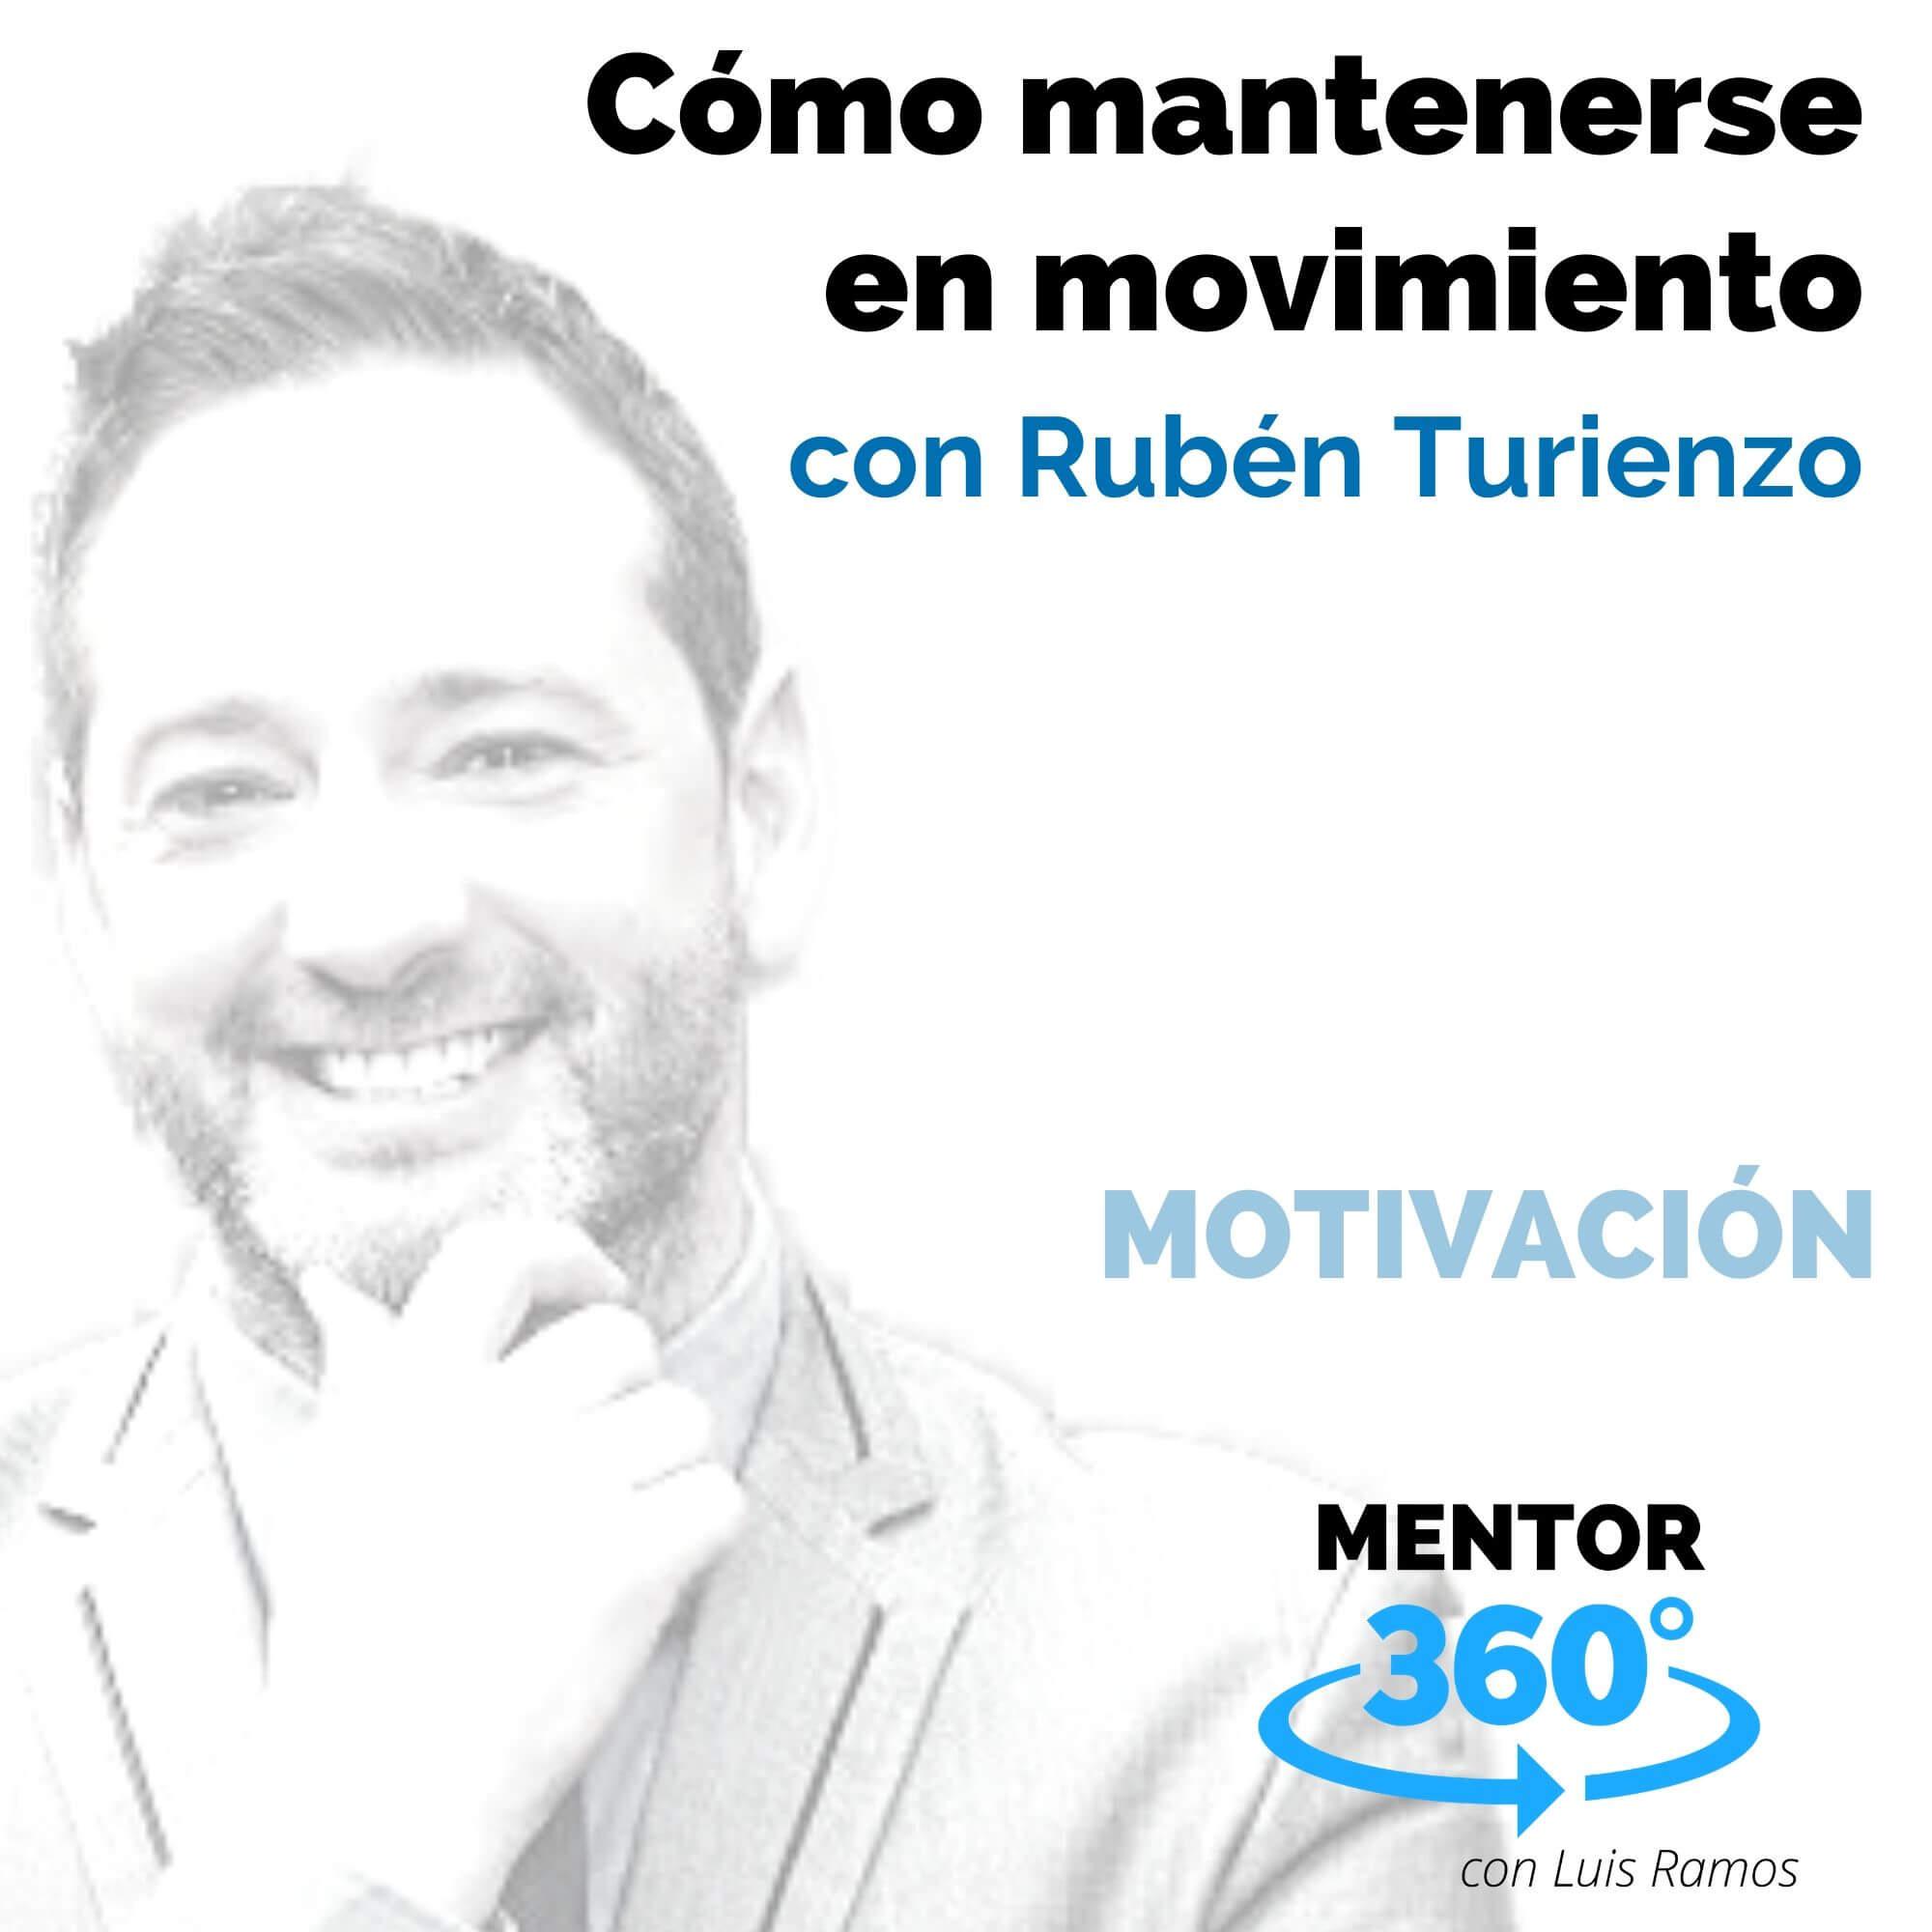 Cómo mantenerse en movimiento, con Rubén Turienzo - MOTIVACIÓN